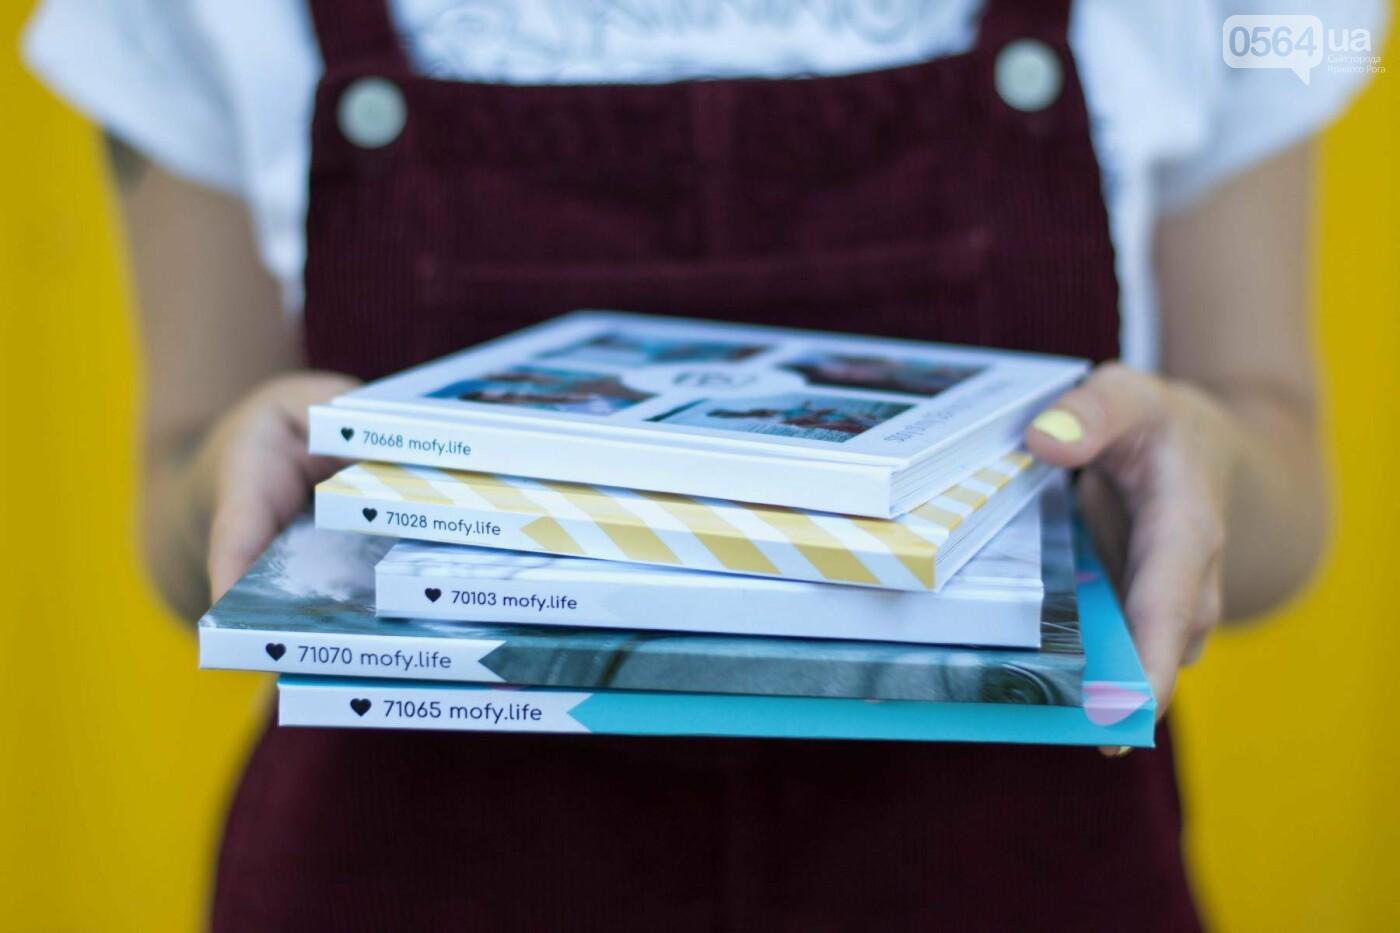 История успеха: Как мариупольчанка превратила счастливые моменты в бизнес, - ФОТО, ВИДЕО, фото-3